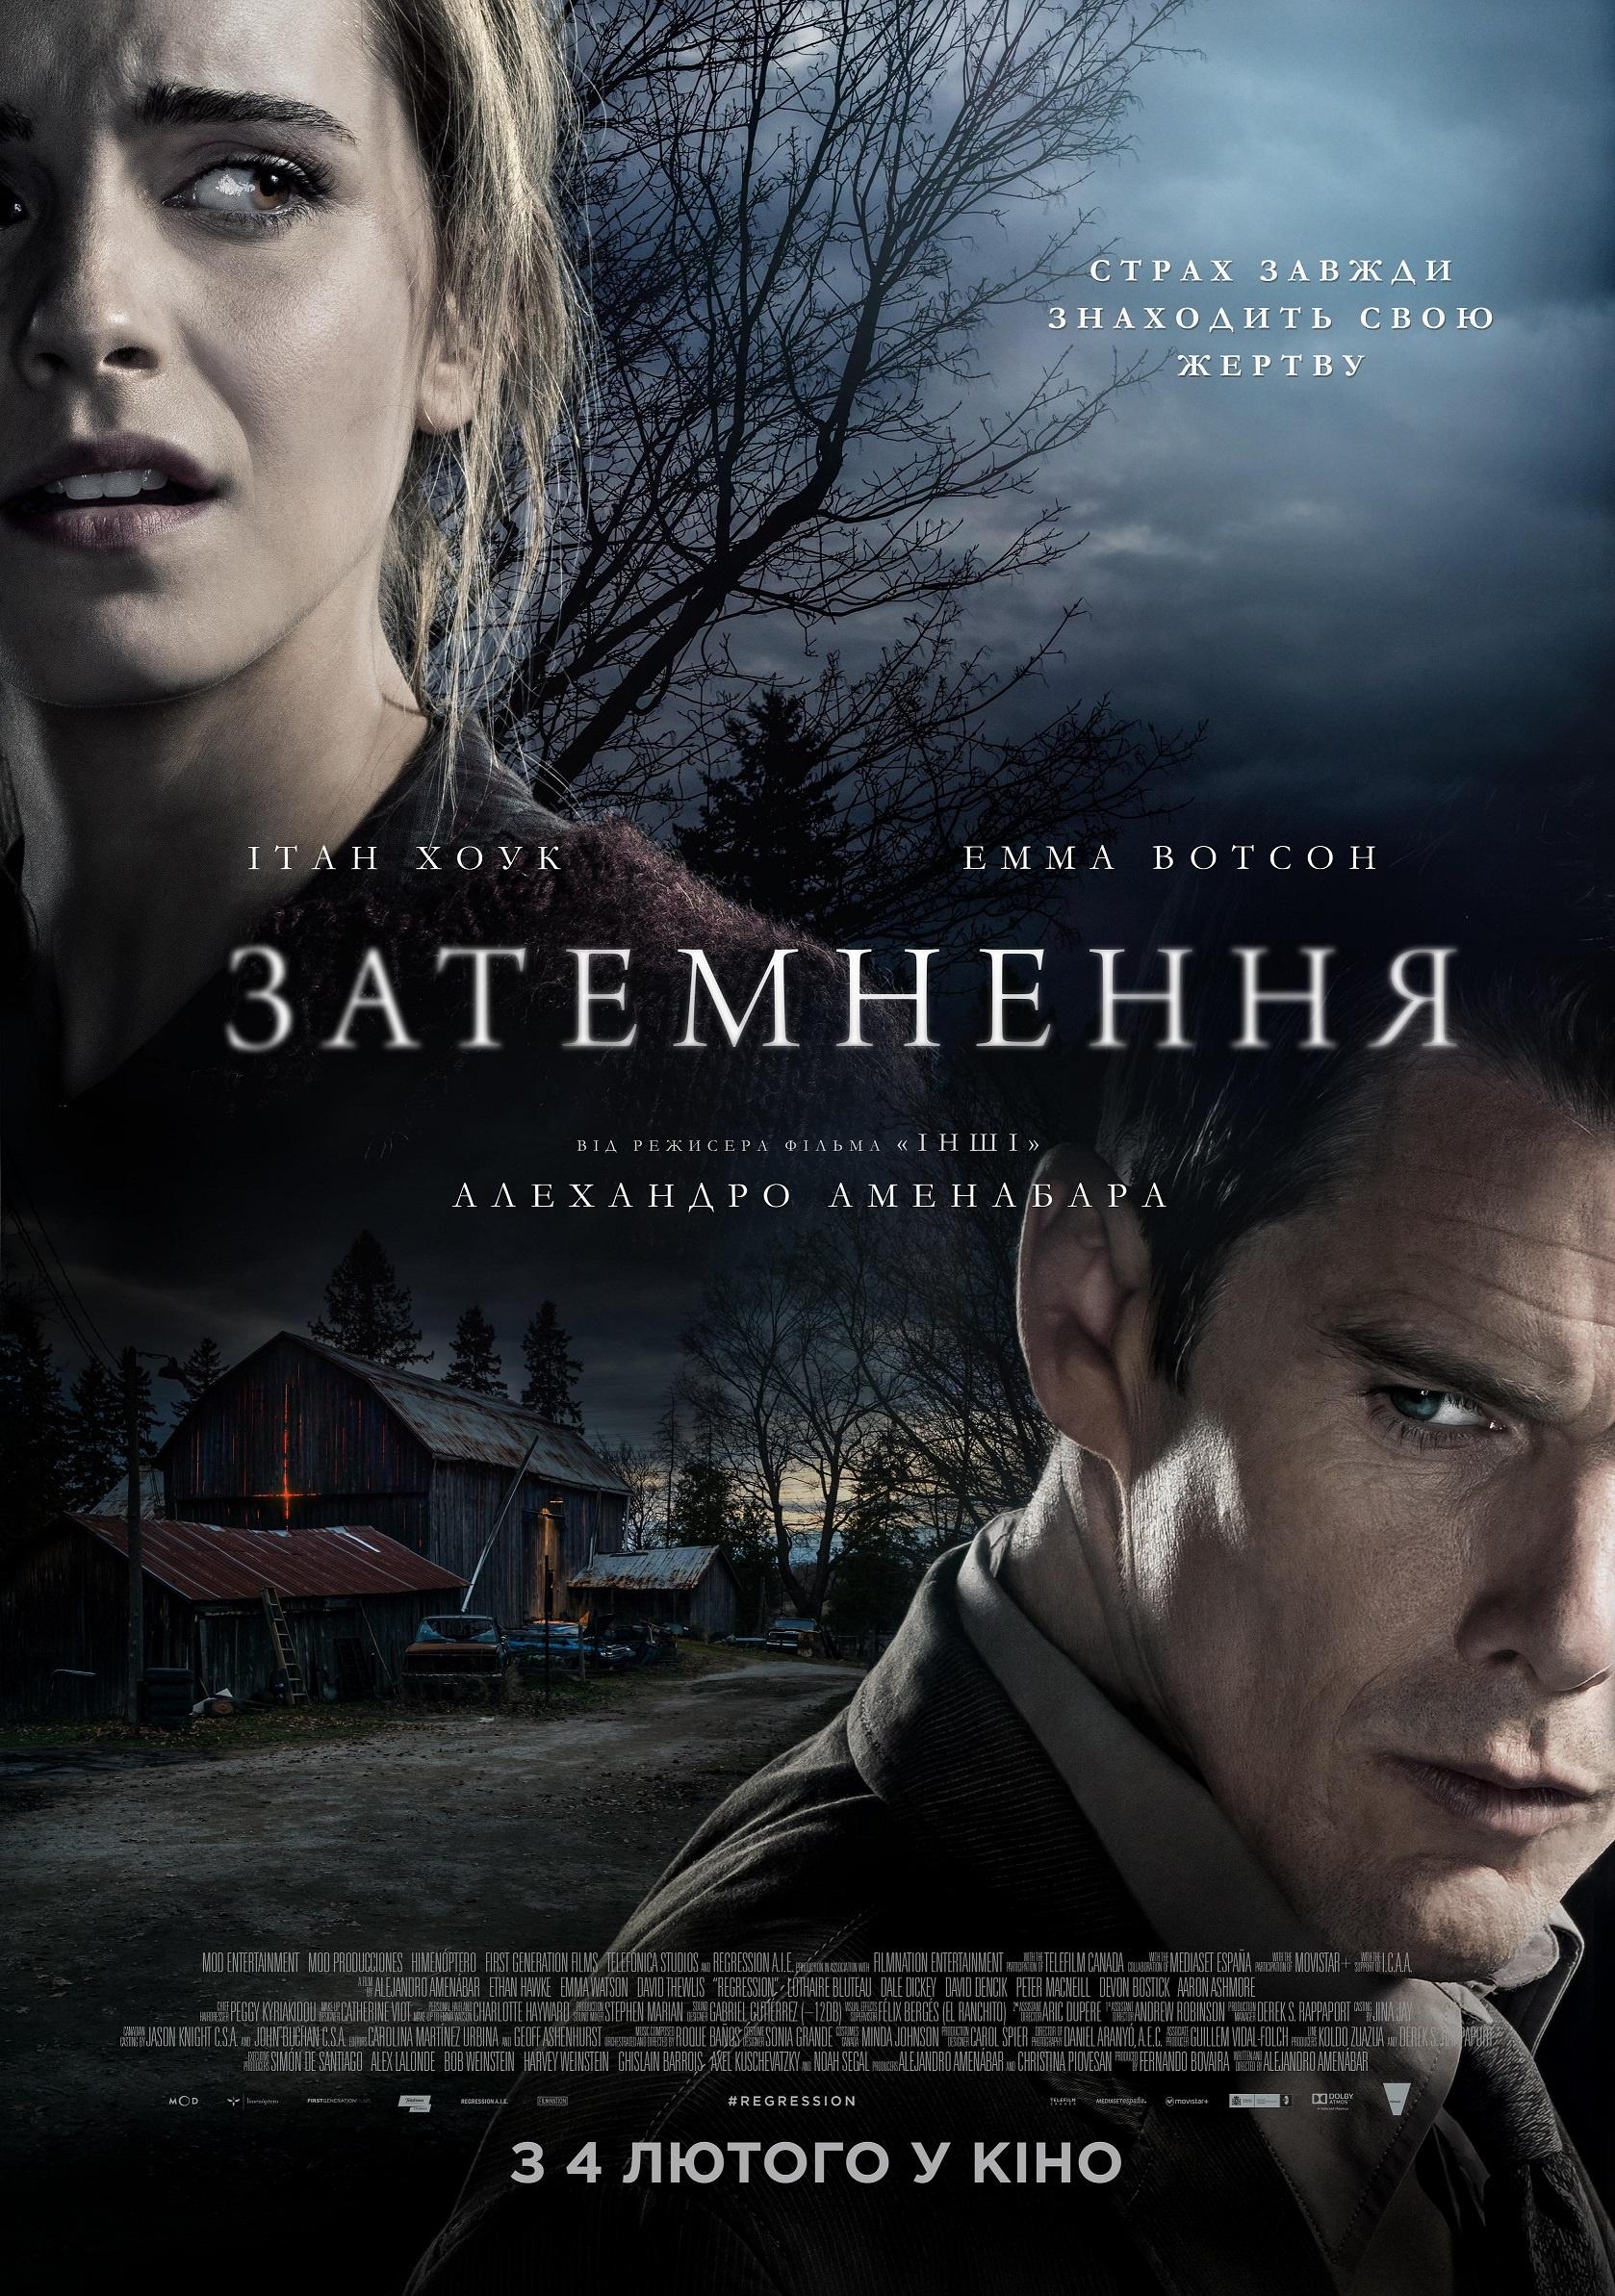 Затмение (2016) смотреть онлайн или скачать фильм через торрент.